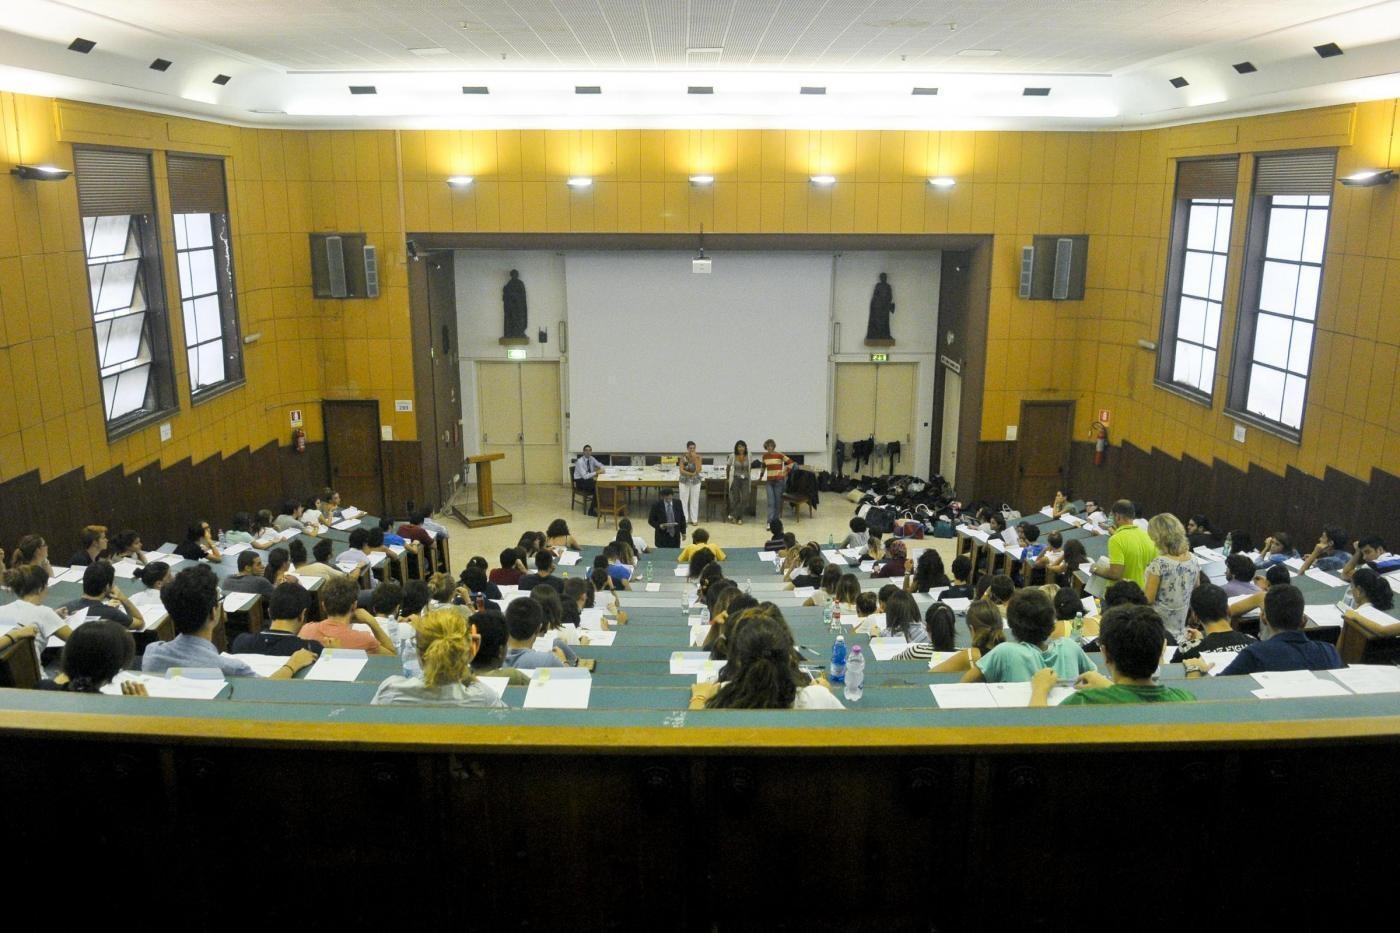 Test d'ingresso a Medicina addio? Aspetti normativi del diritto allo studio